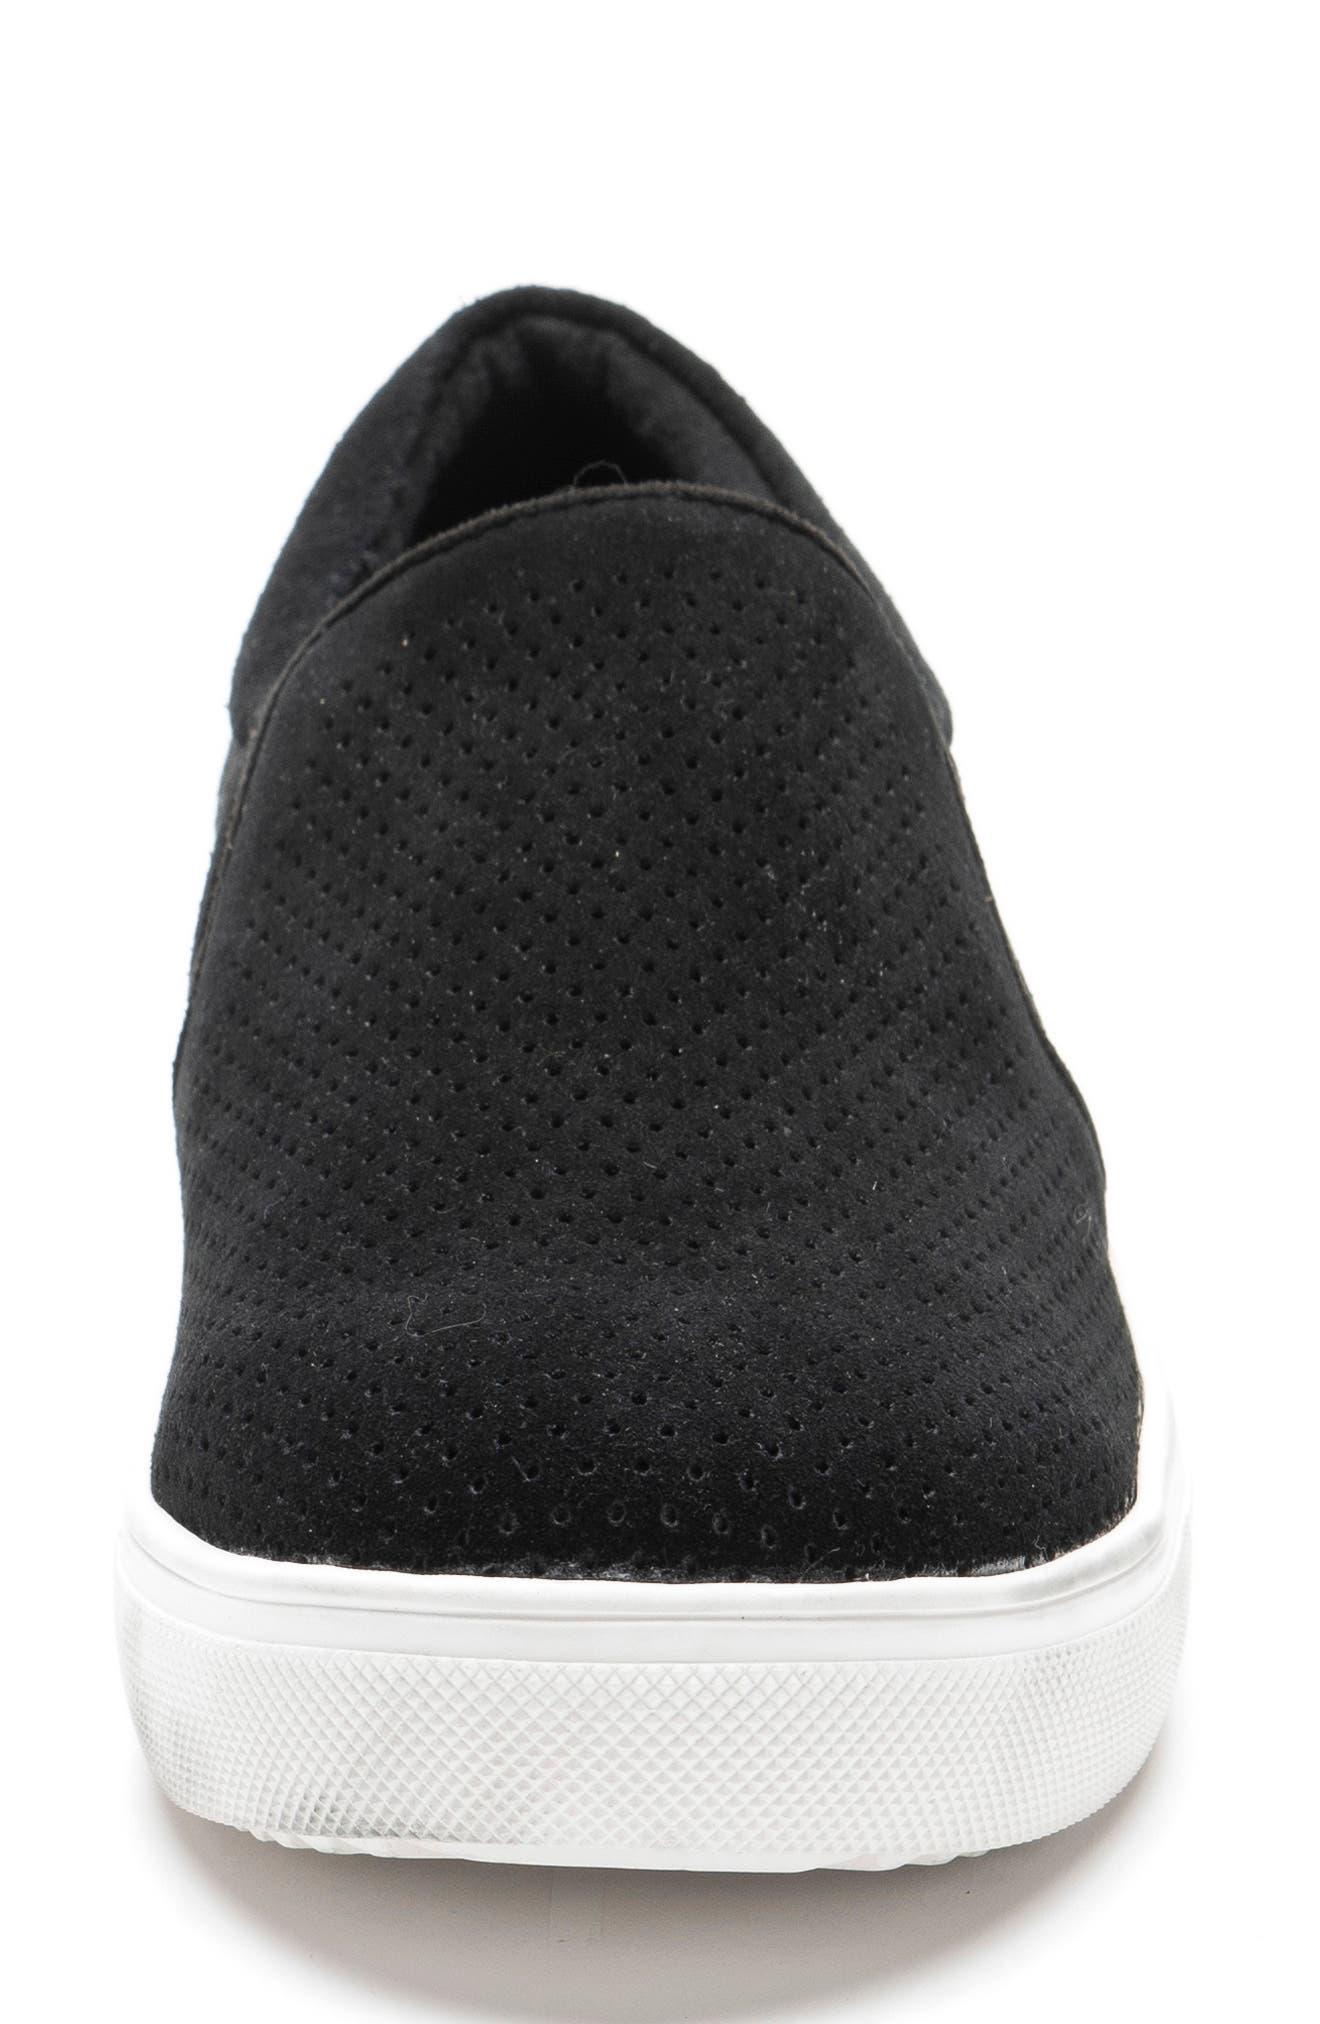 Gallert Perforated Waterproof Platform Sneaker,                             Alternate thumbnail 4, color,                             BLACK SUEDE